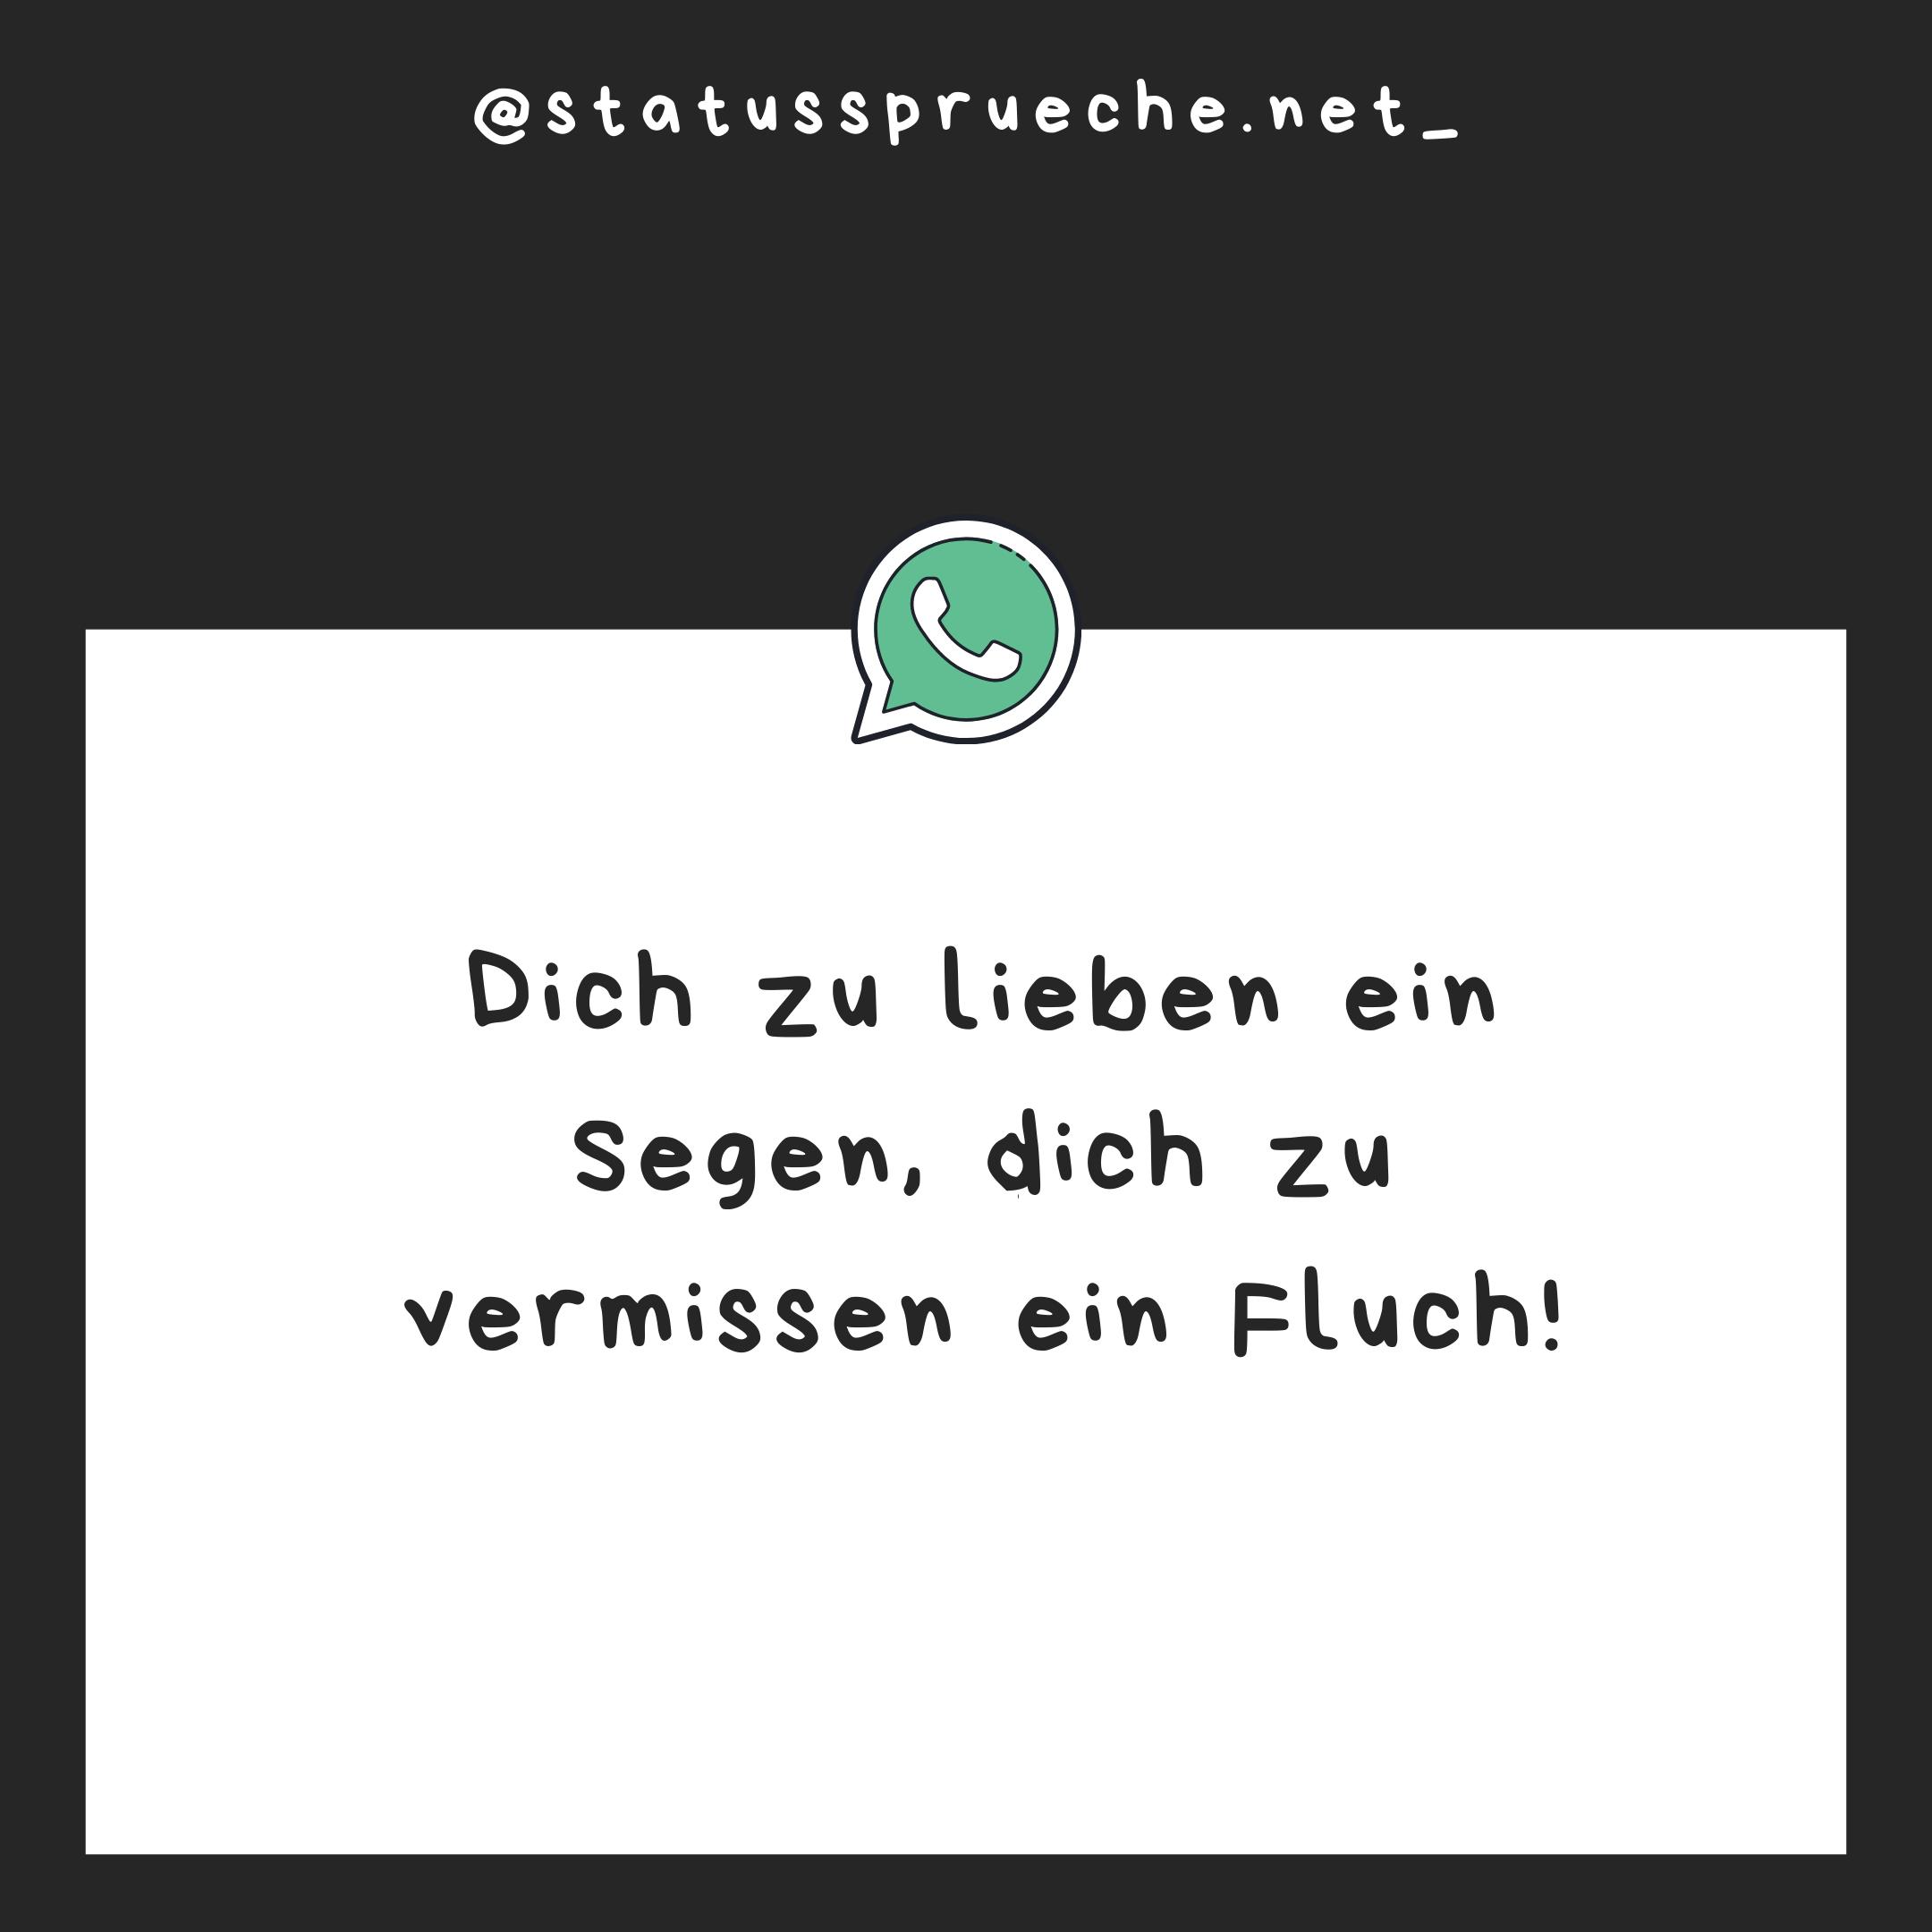 Folge Uns Auf Instagram Statussprueche Net Coole Spruche Spruche Mein Leben Zitate